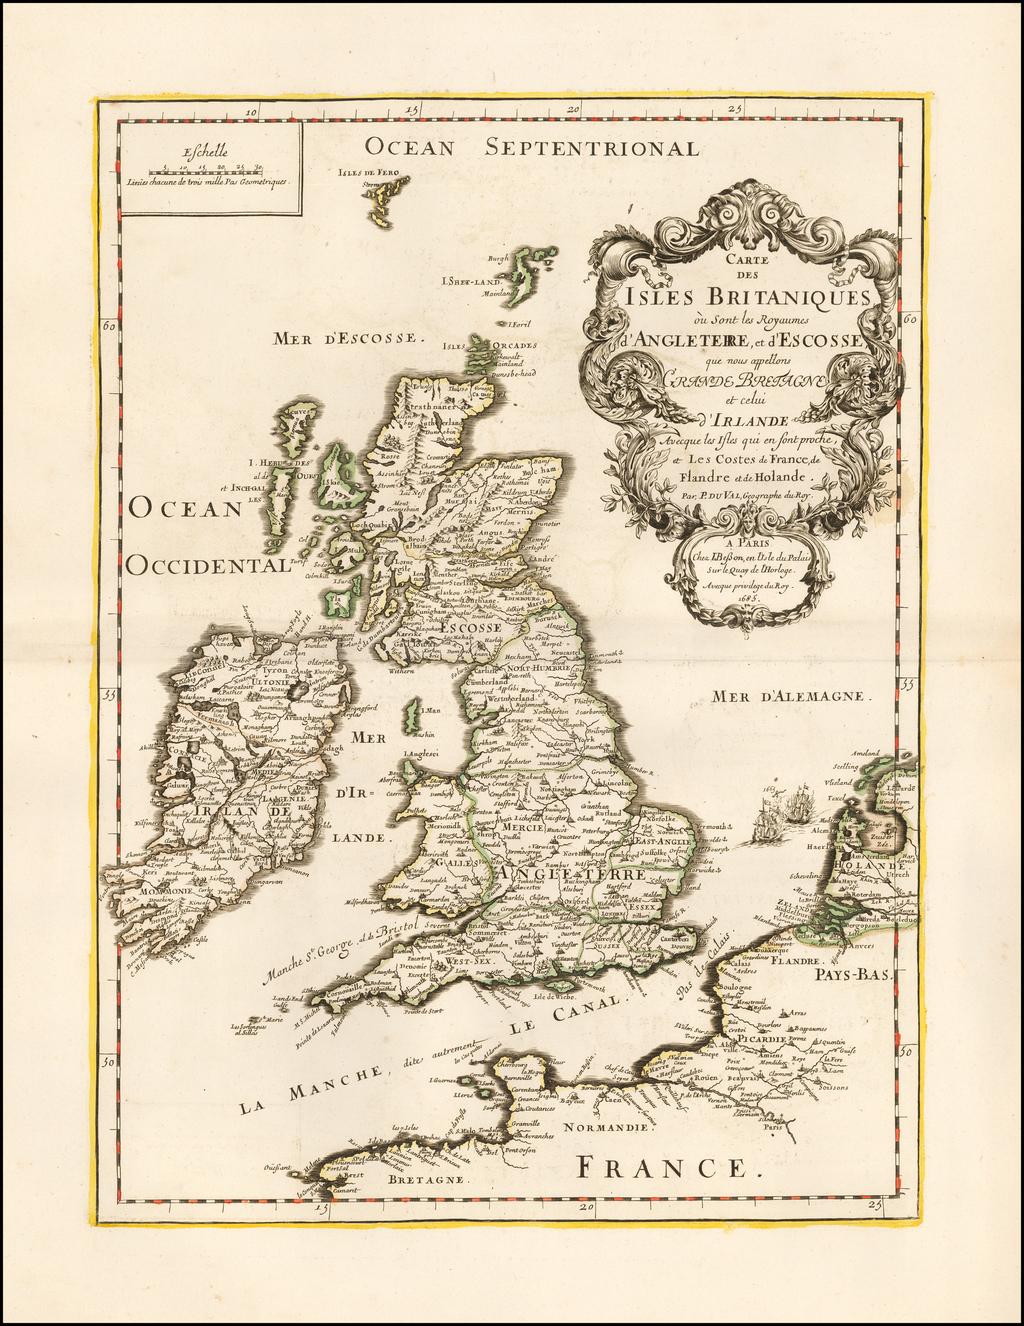 Carte Des Isles Britaniques ou Sont les Royaumes d'Angleterre, et d'Ecosse que nous appellons Grande Bretagne et celui d'Irlande Avecque les Isles quie en sont proche, et Les Costes de France, de Flandre et de Holande . . . 1685 By J. Besson / Pierre Du Val